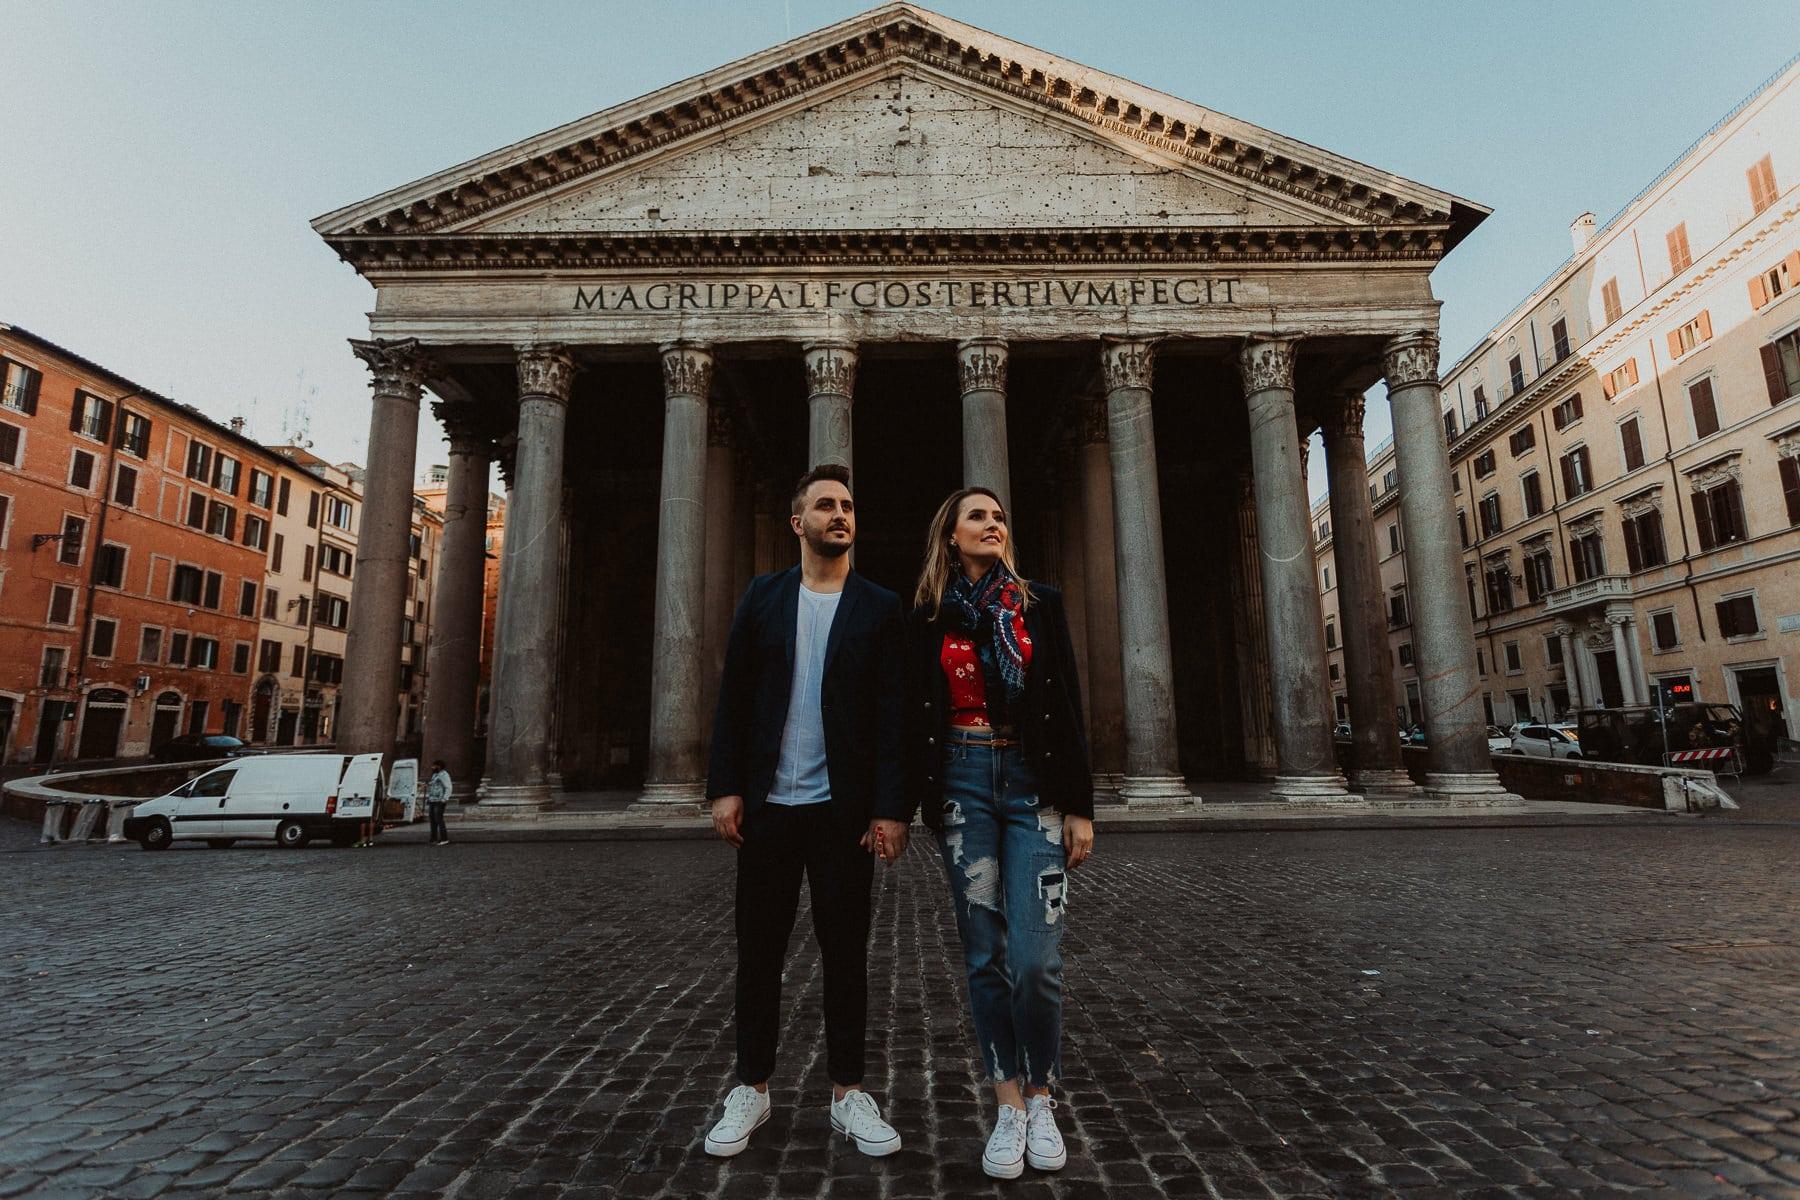 fotografo de casamento em roma